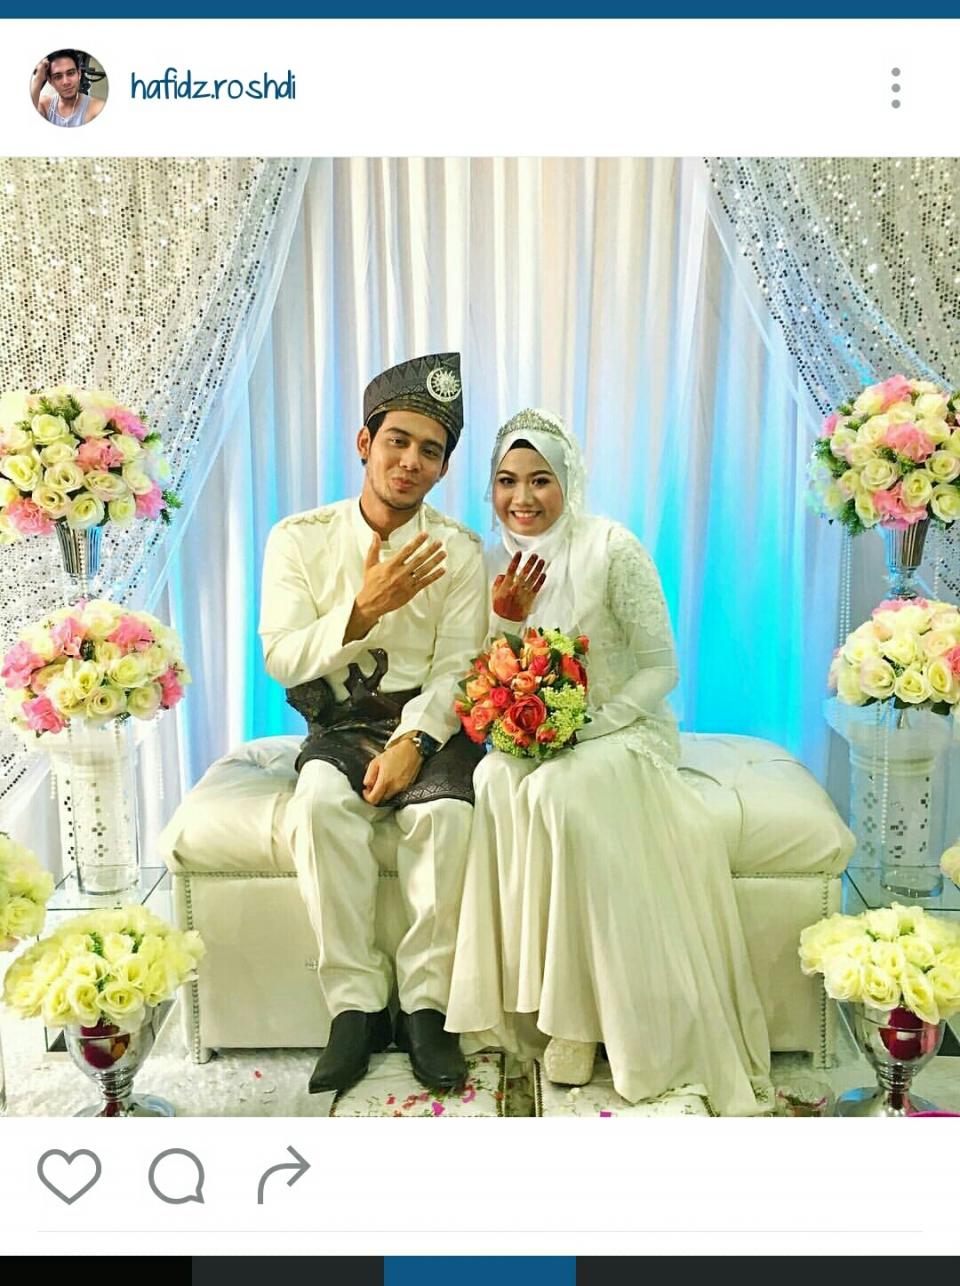 Hafiz Roshdi @ tundukkan playboy itu kahwin dah.  TAHNIAH